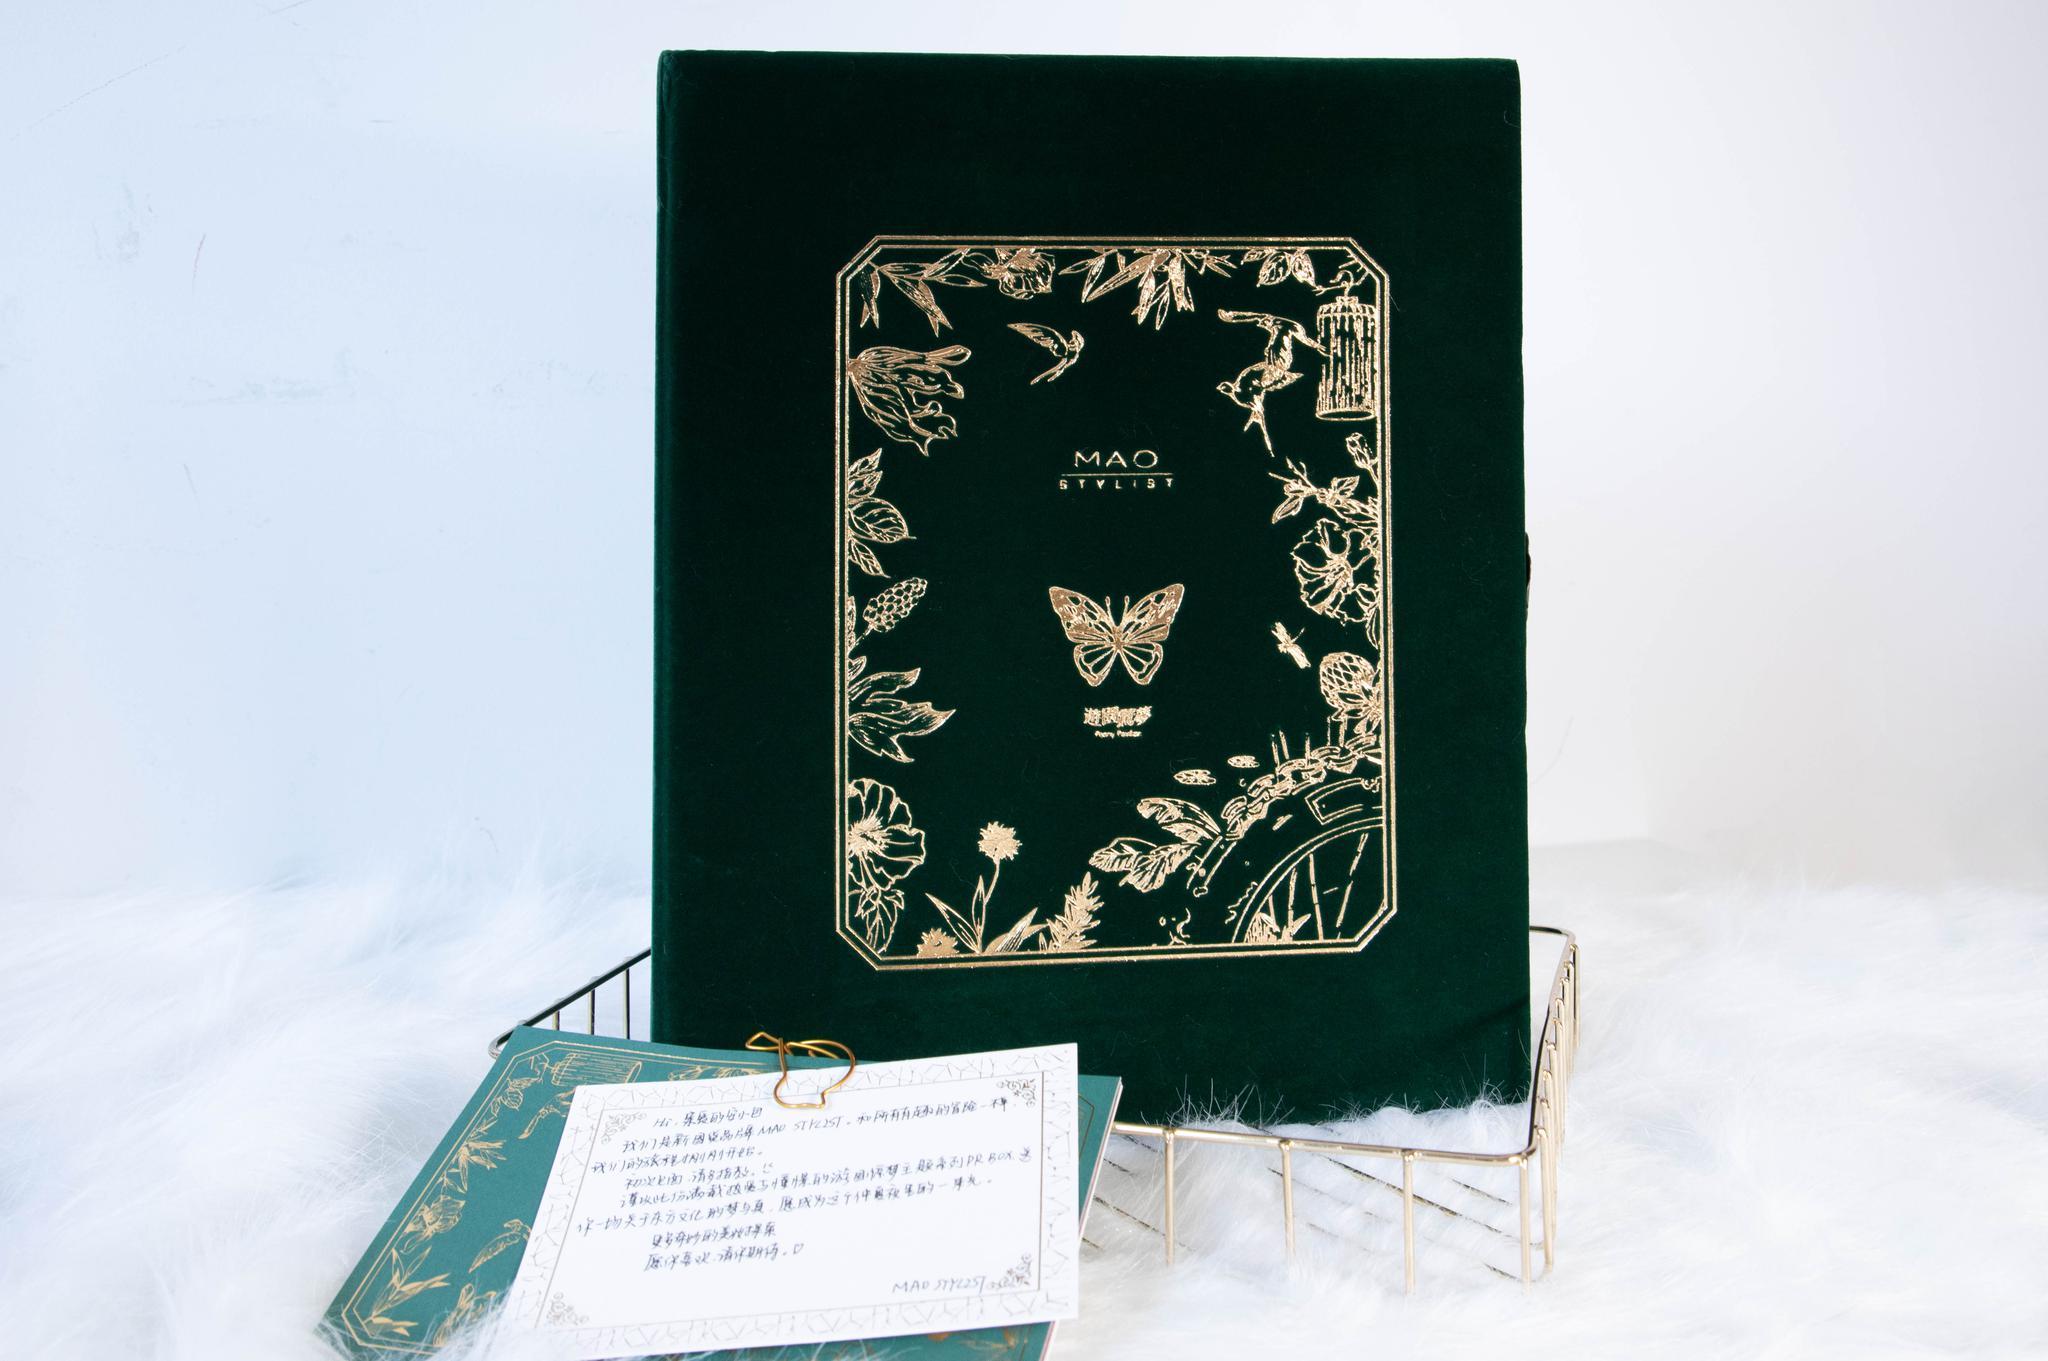 感谢MAO STYLIST,欧莱雅,美宝莲送的礼盒